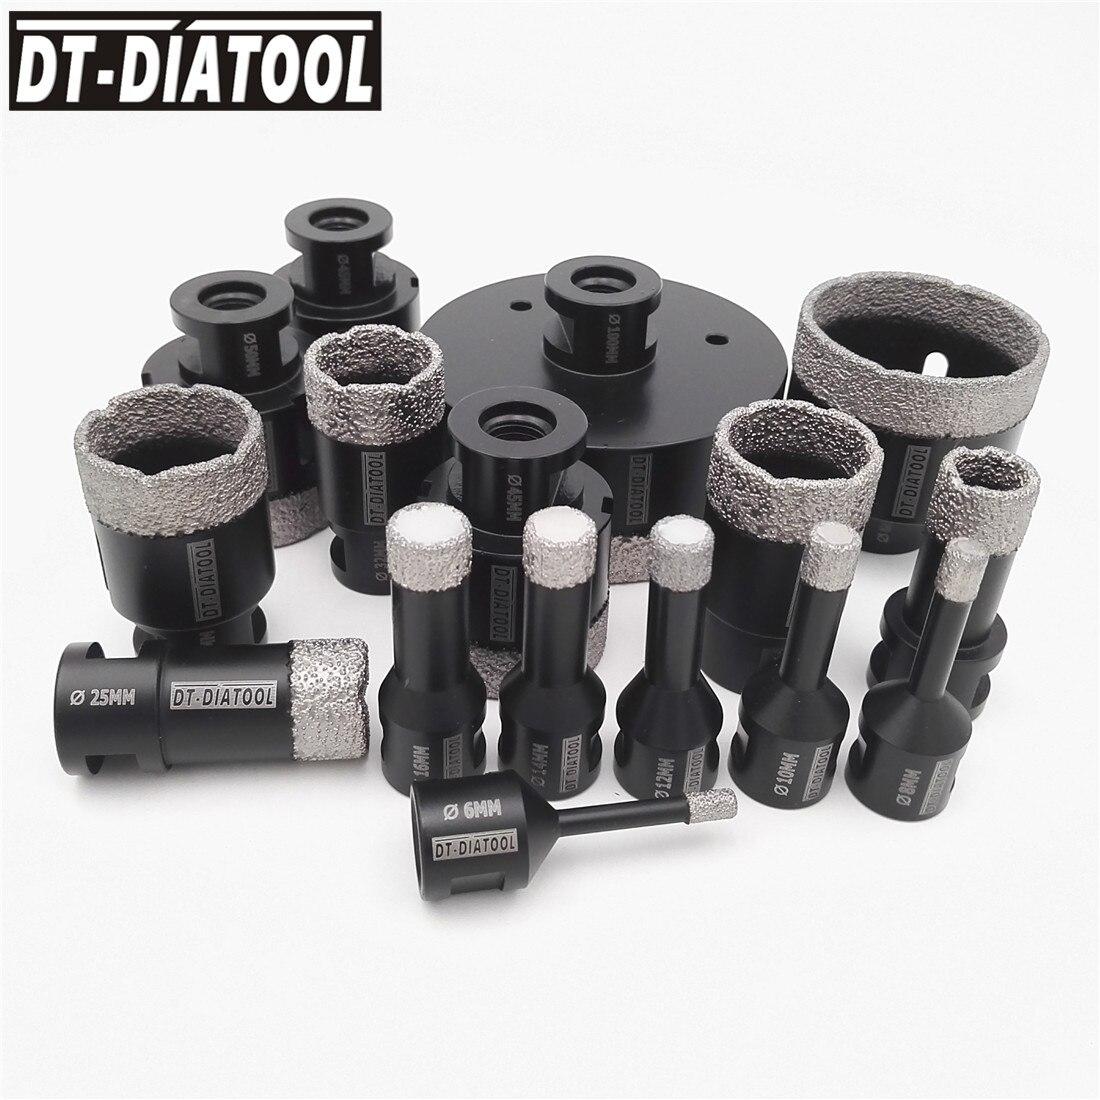 DT DIATOOL Dry font b Vacuum b font Brazed diamond drilling core bits Ceramic tile Hole